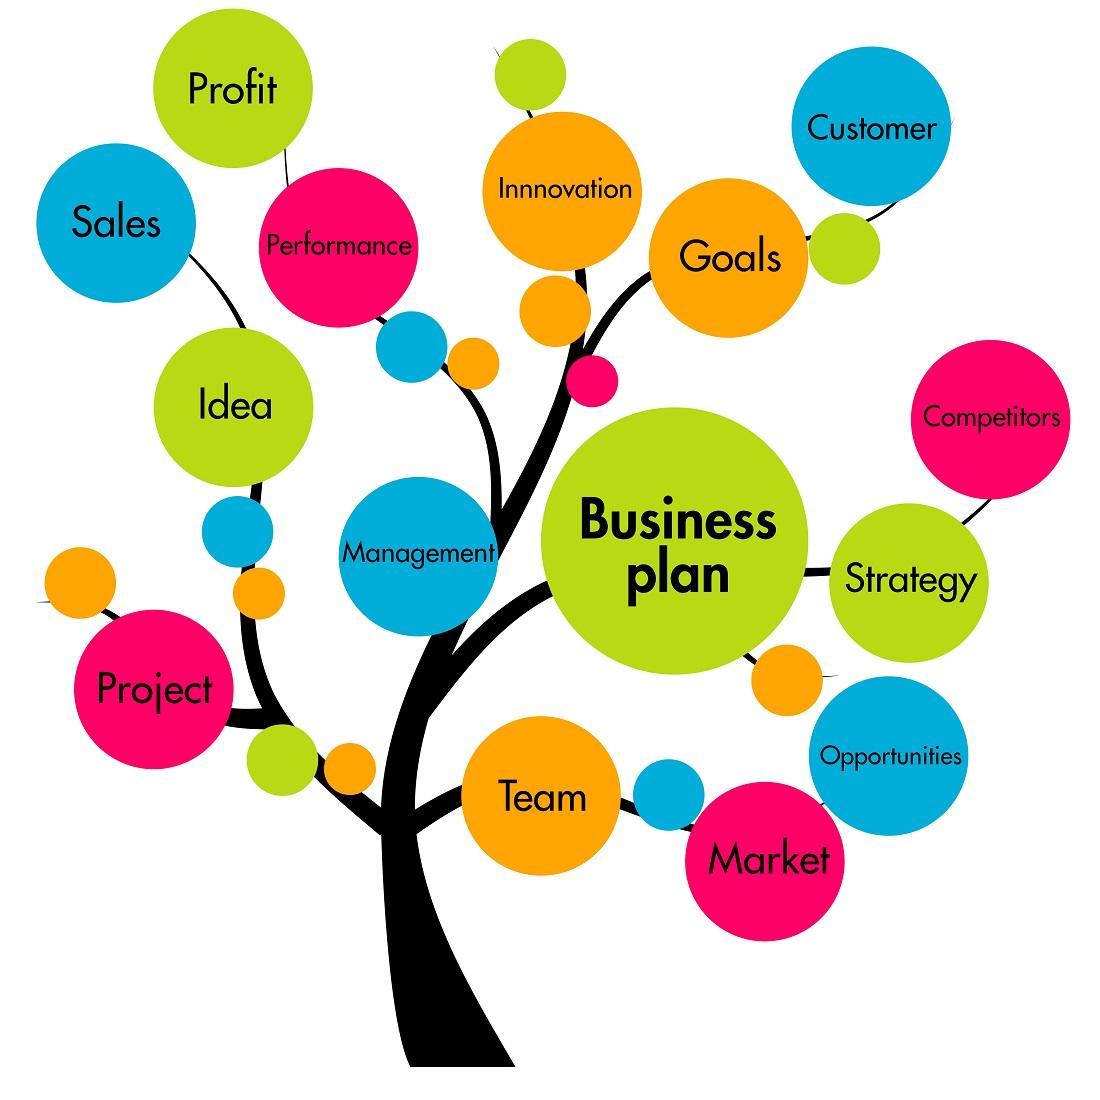 Grafik mit bunten Punkten in Form eines Baumes zum Thema Business Plan und Wachstum